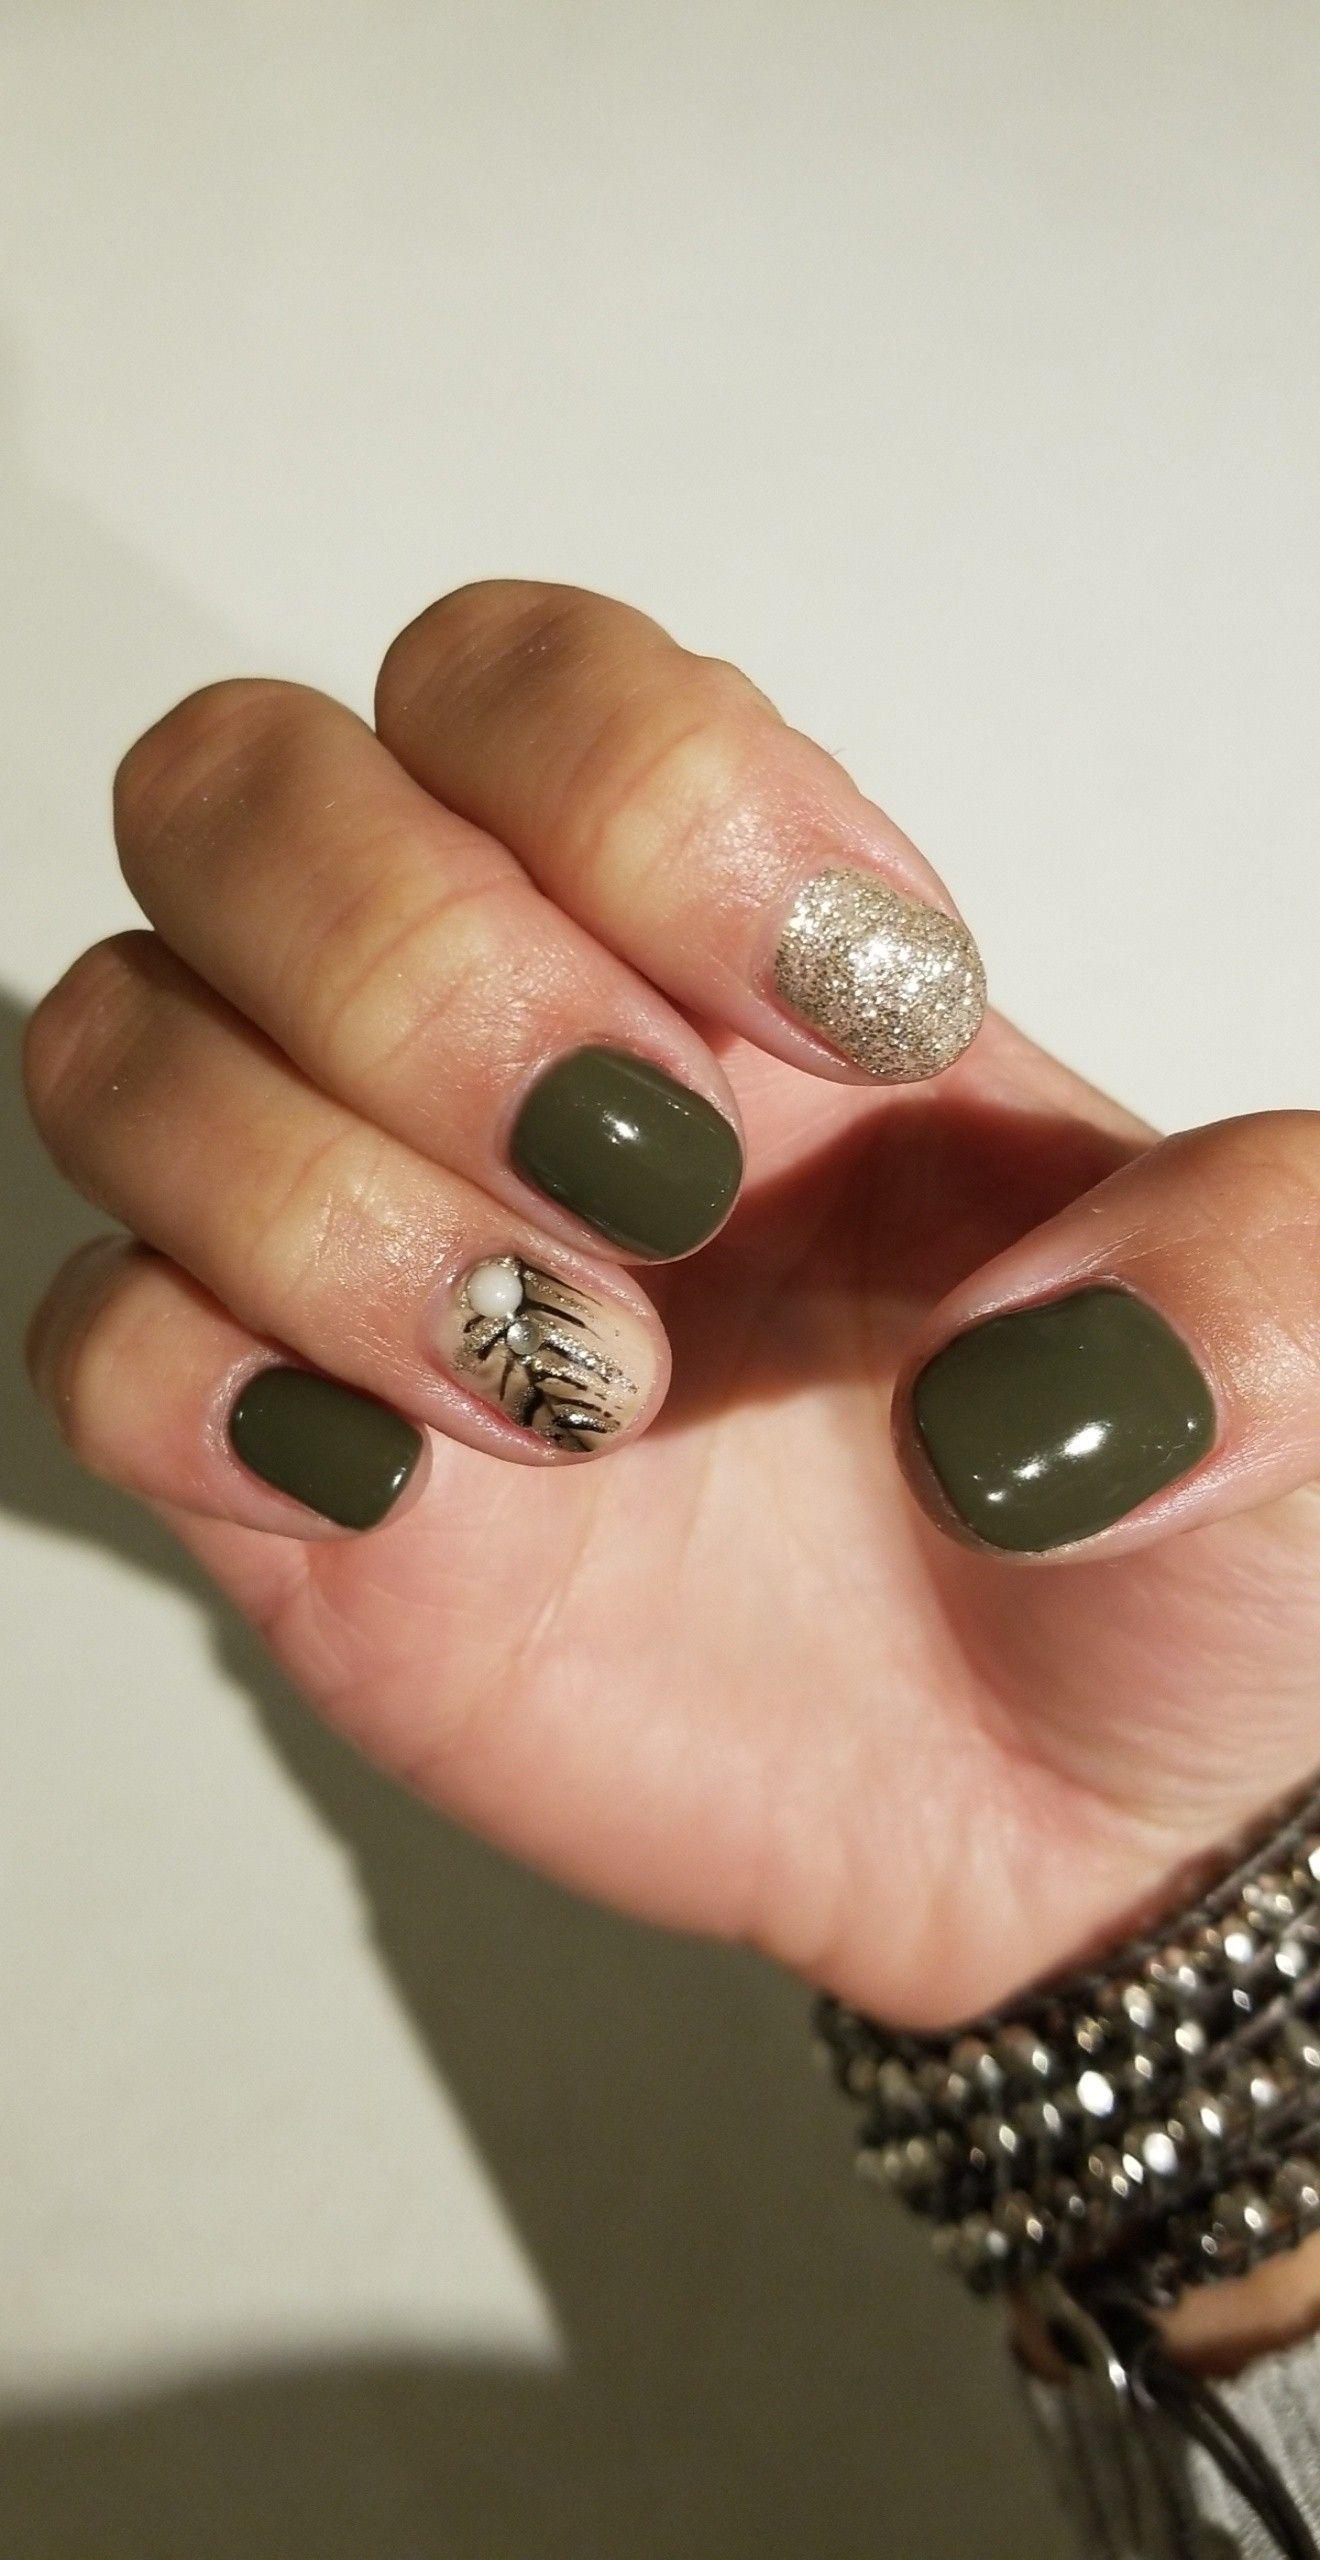 Fall Nails Army Green Green Nails Hair And Nails Animal Print Nails